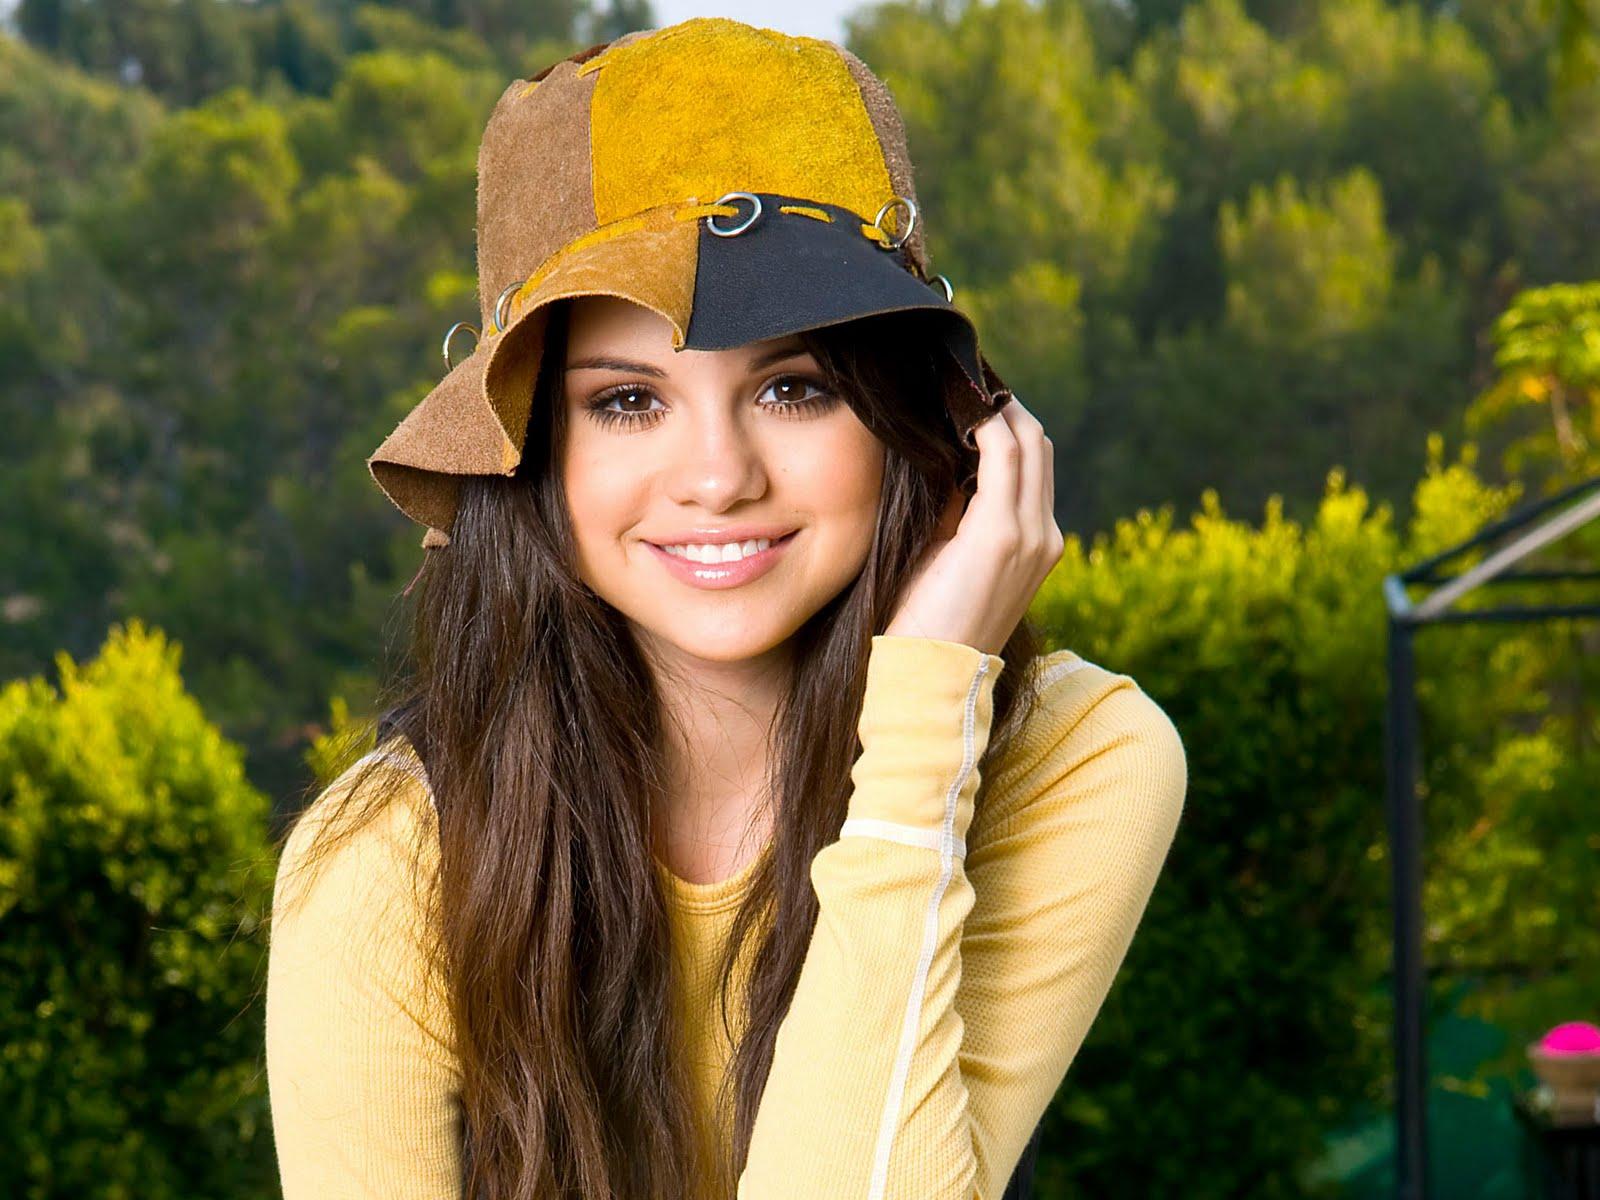 http://1.bp.blogspot.com/-XxiafV8JRUU/TcWzhy3Vo4I/AAAAAAAADYU/raH1YD5izZs/s1600/Selena+Gomez+cute+stills.jpg